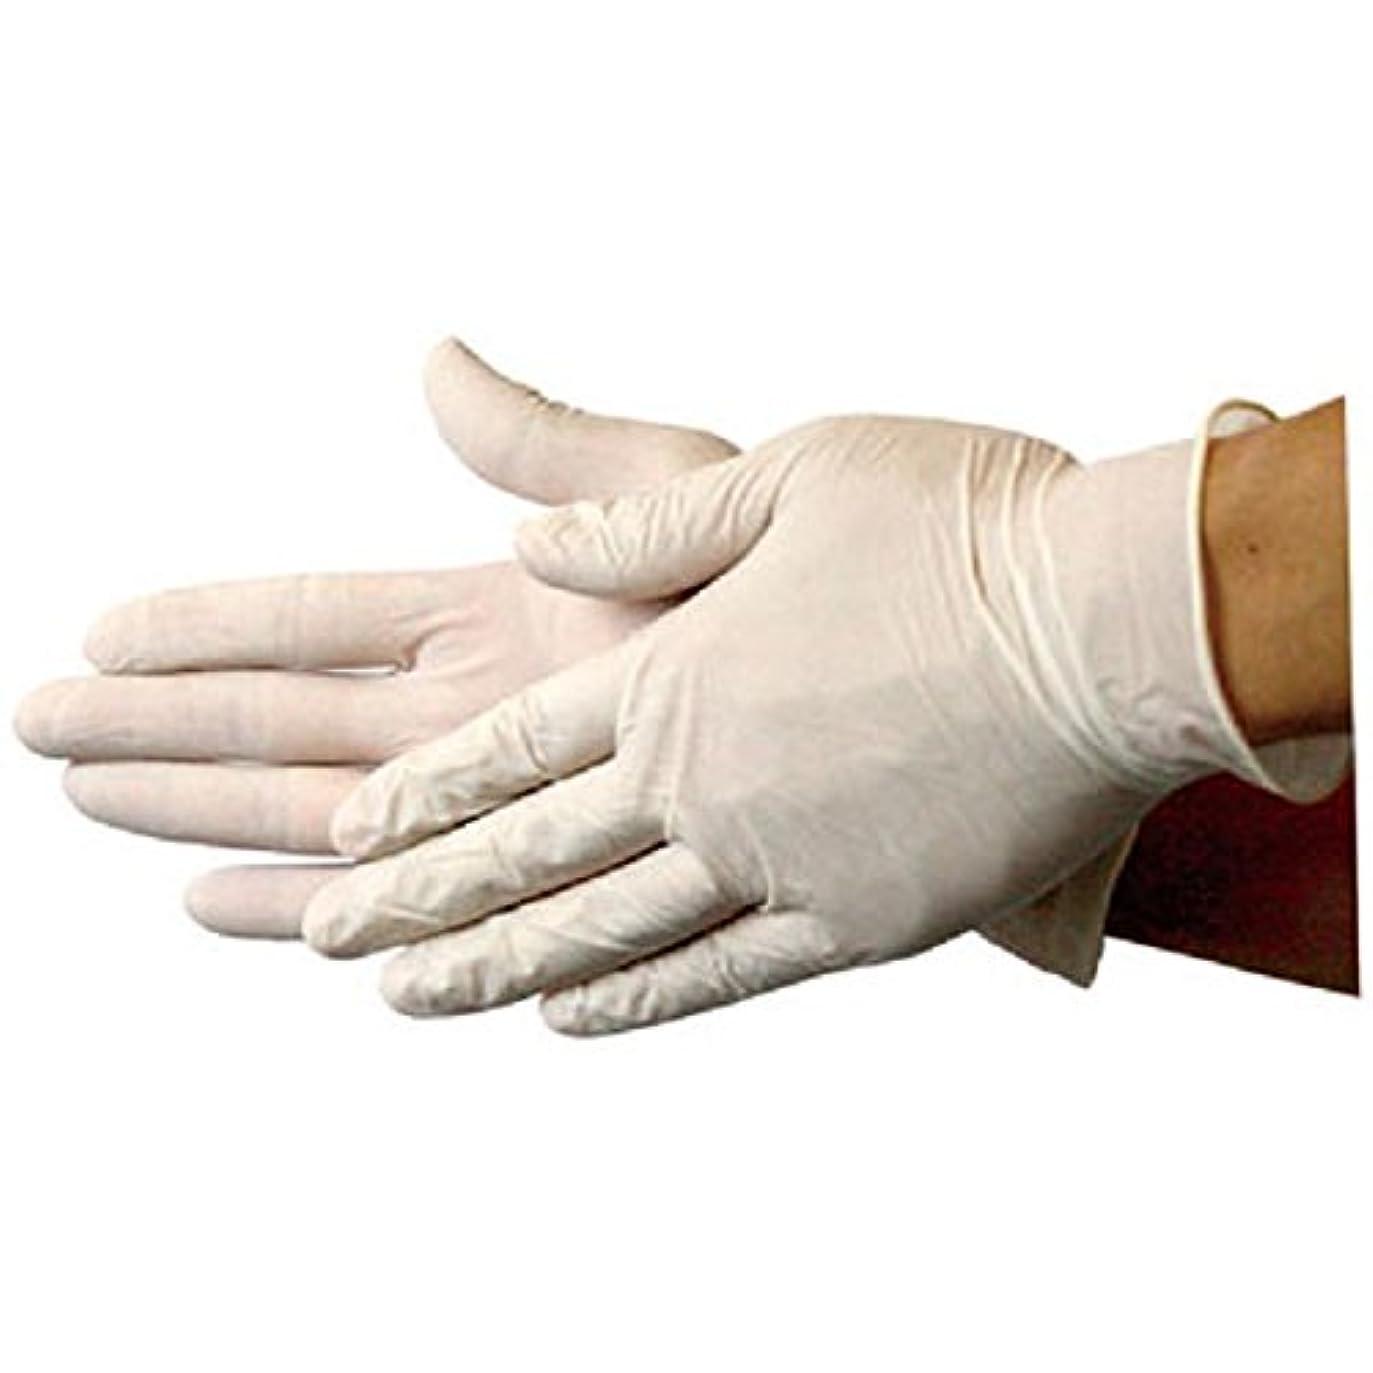 ジャベスウィルソン温室知人ラテックス手袋(S) 100枚 業務用手袋(EG?????750白)